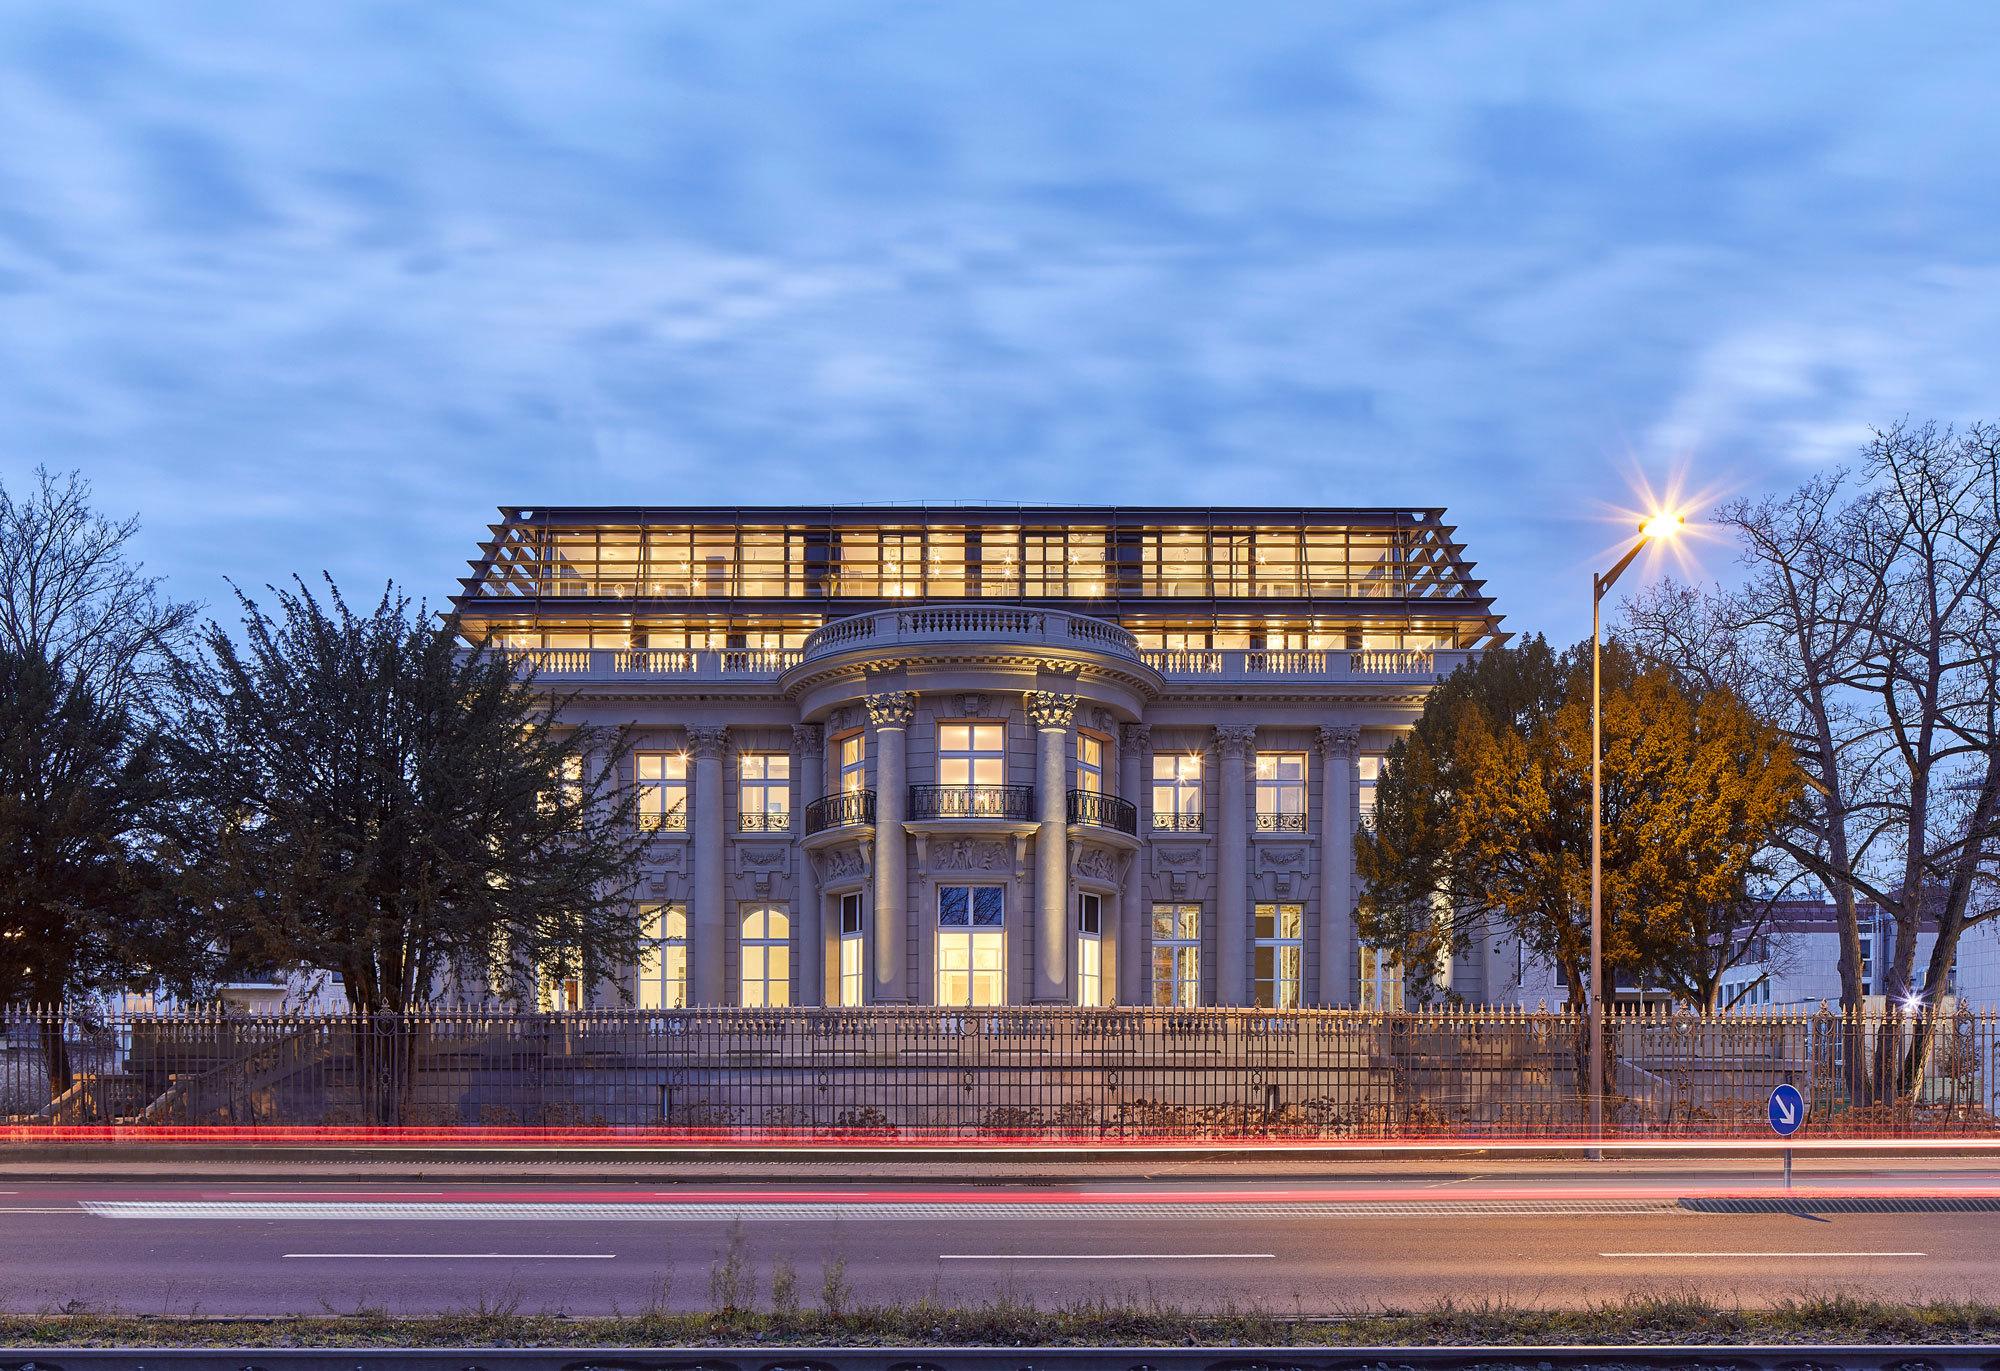 Die ehemalige Bankiersvilla Palais Oppenheim liegt in einem großzügigen Park am Rhein.